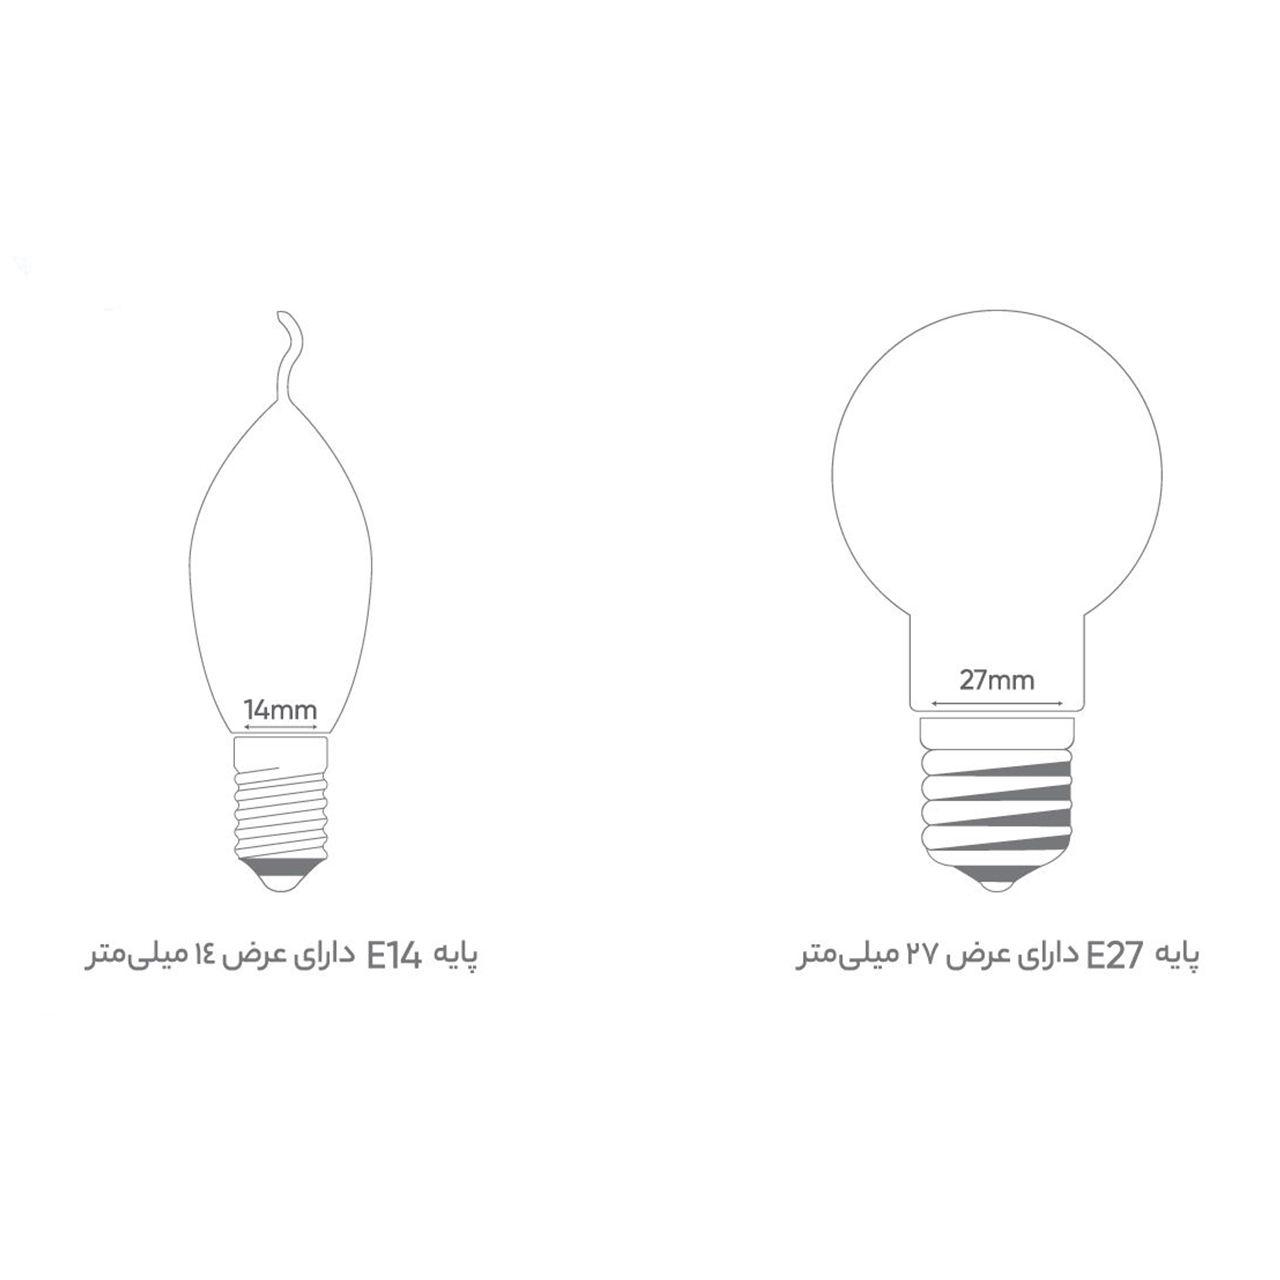 لامپ ال ای دی 12 وات کد B22 پایه E27  main 1 2